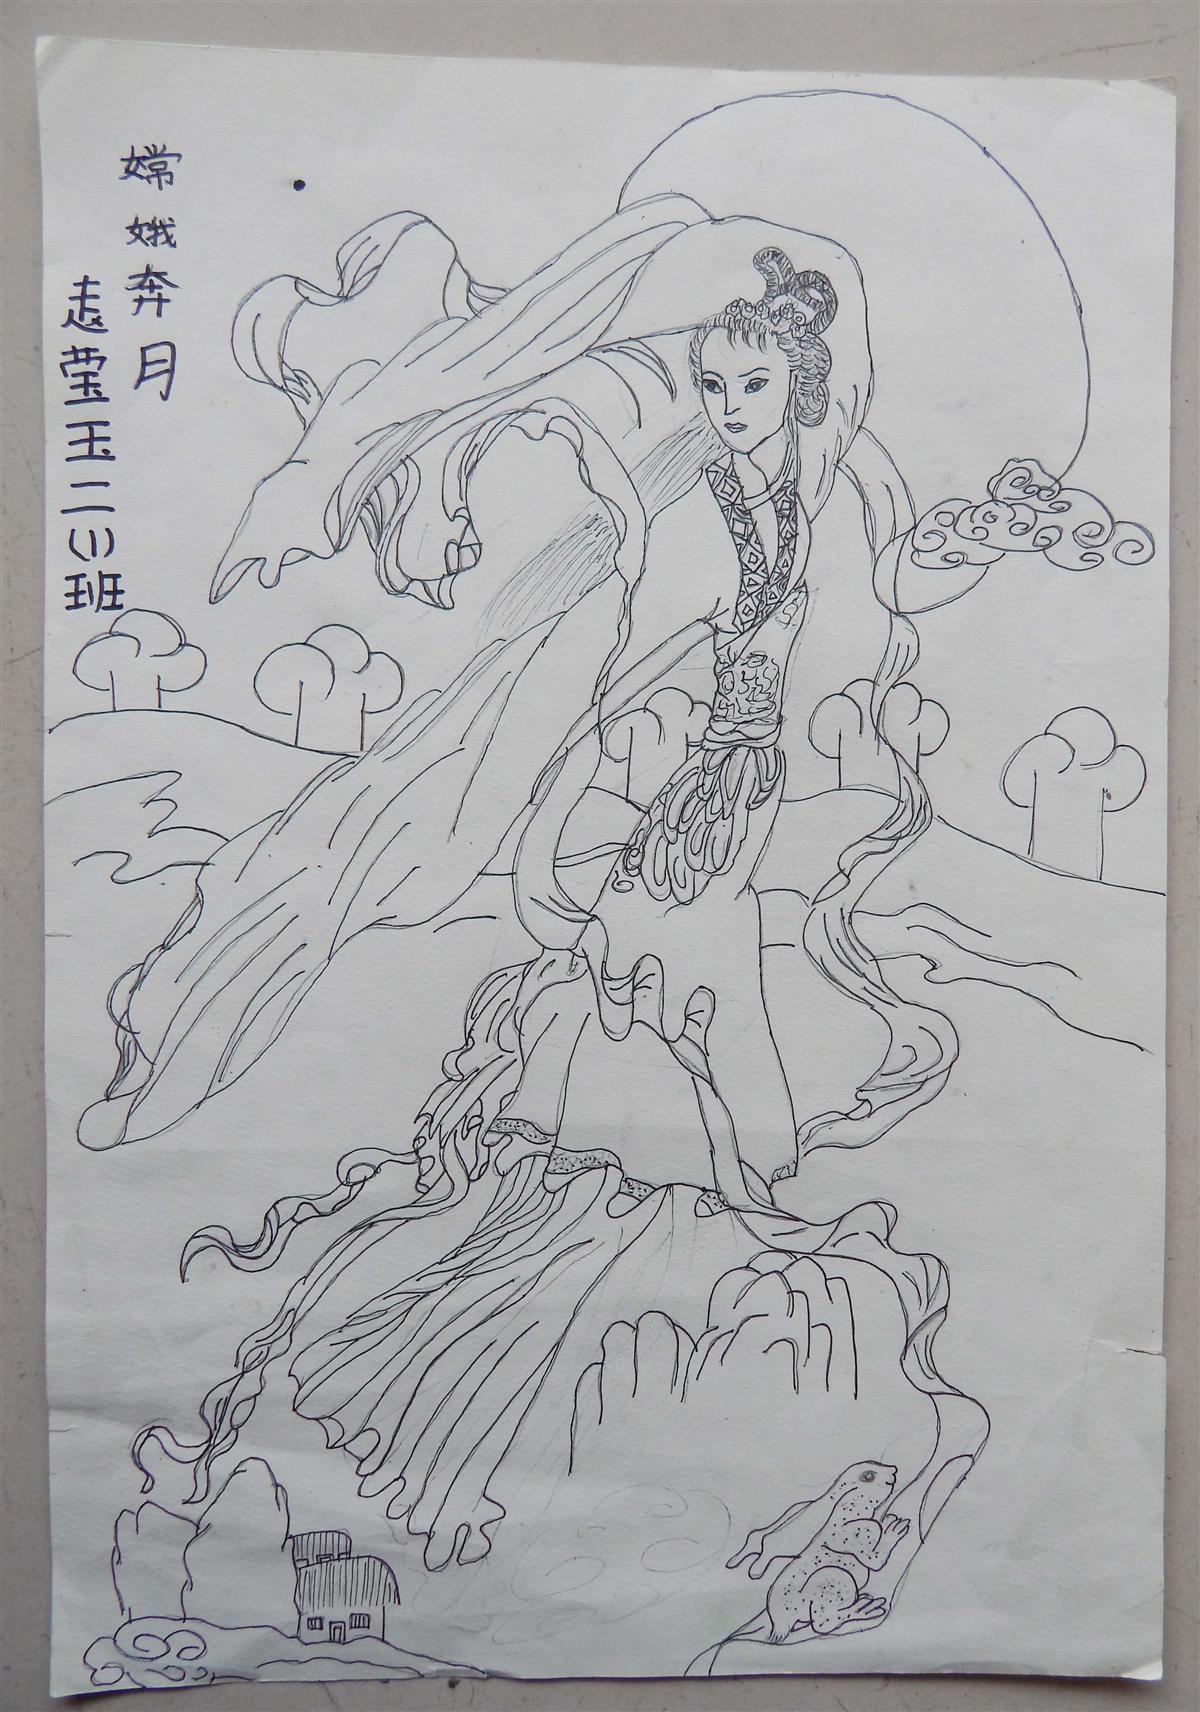 嫦娥奔月||中国少儿艺术网—2015少儿书画大赛